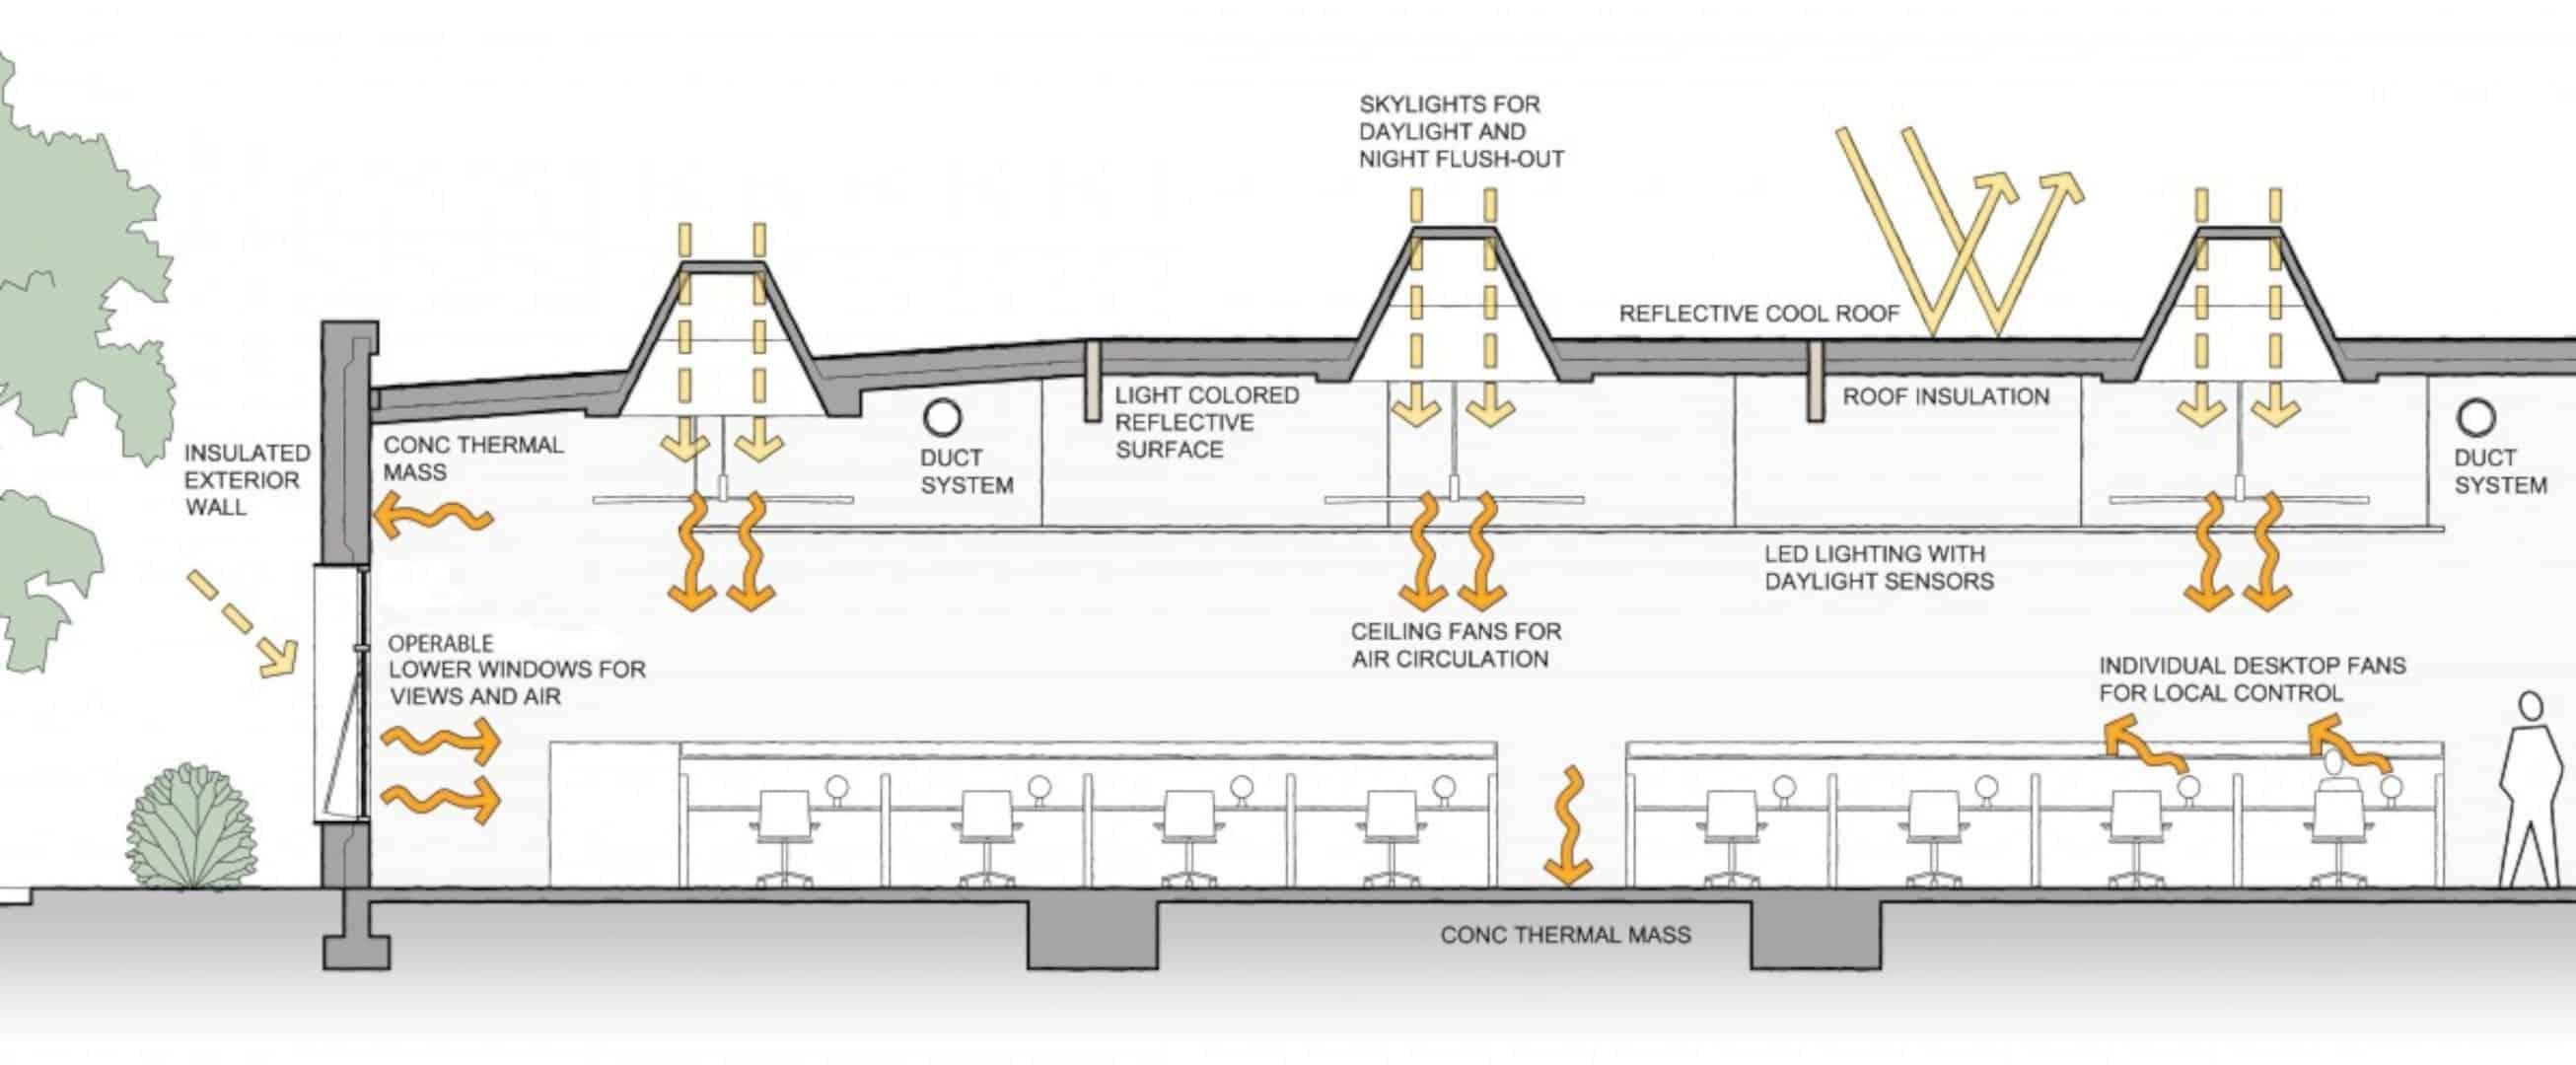 435 Indio Way Net Zero Energy Offices In Sunnyvale 1